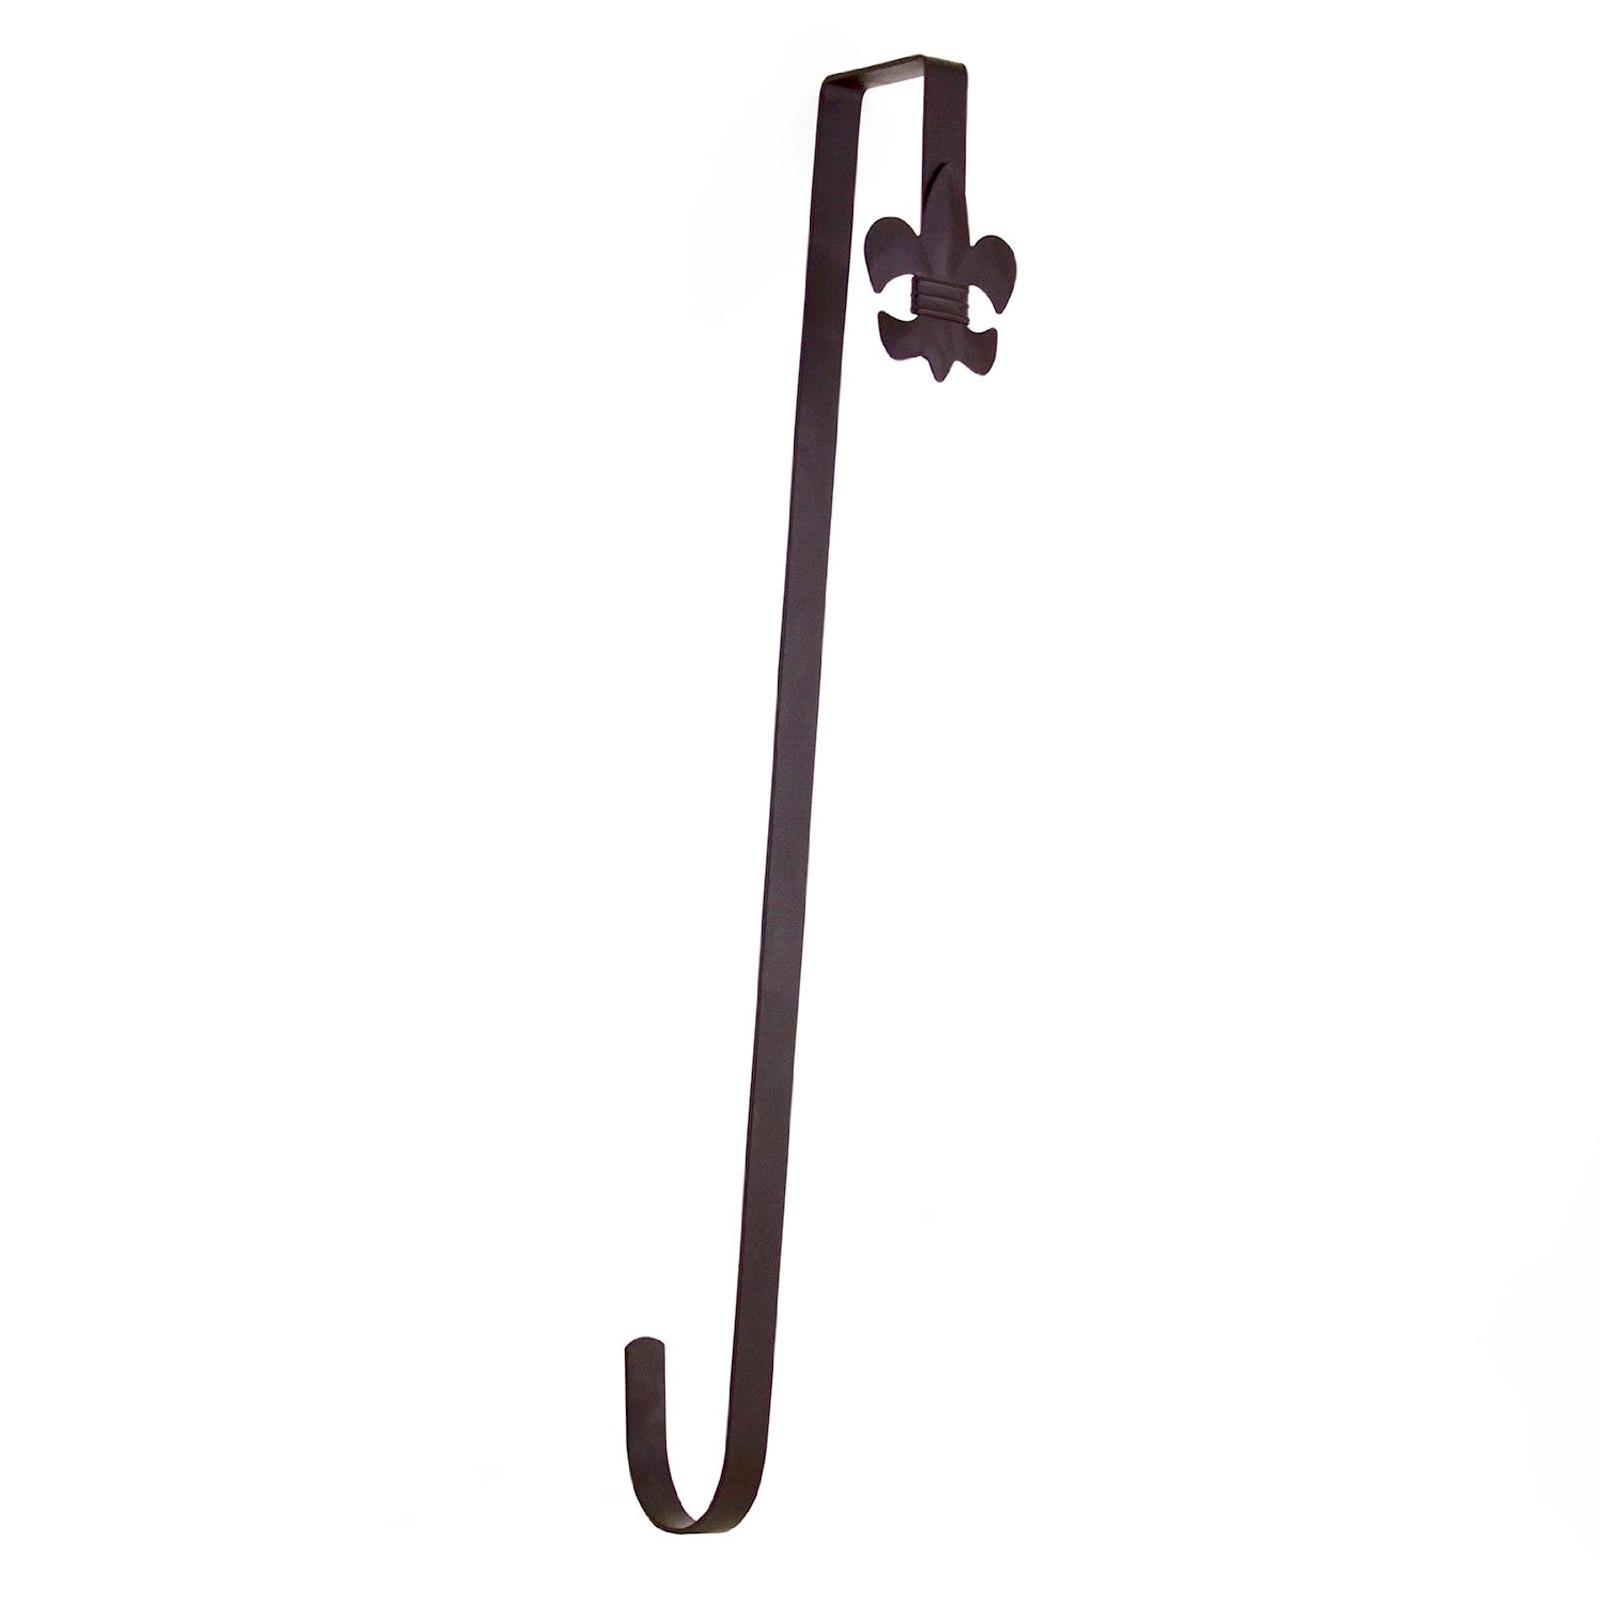 Over The Door Wreath Holder 18u0027 Metal Hook Brown Towel Bag Clothes Hanger  Decor